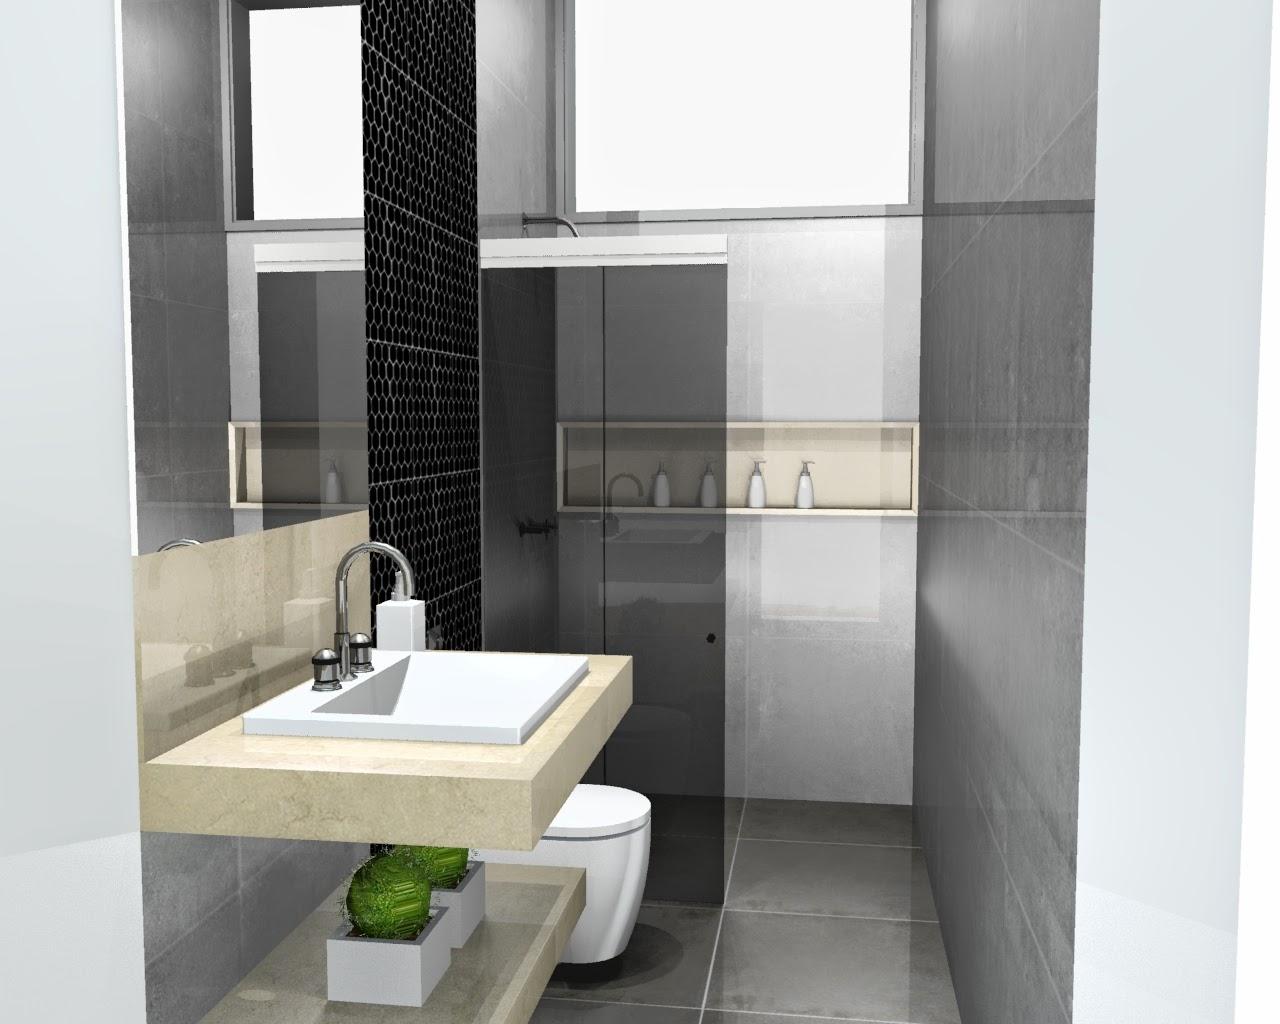 Piso Mosaico Related Keywords & Suggestions Piso Mosaico Long Tail  #46611E 1280x1024 Banheiro Com Ceramica Cinza